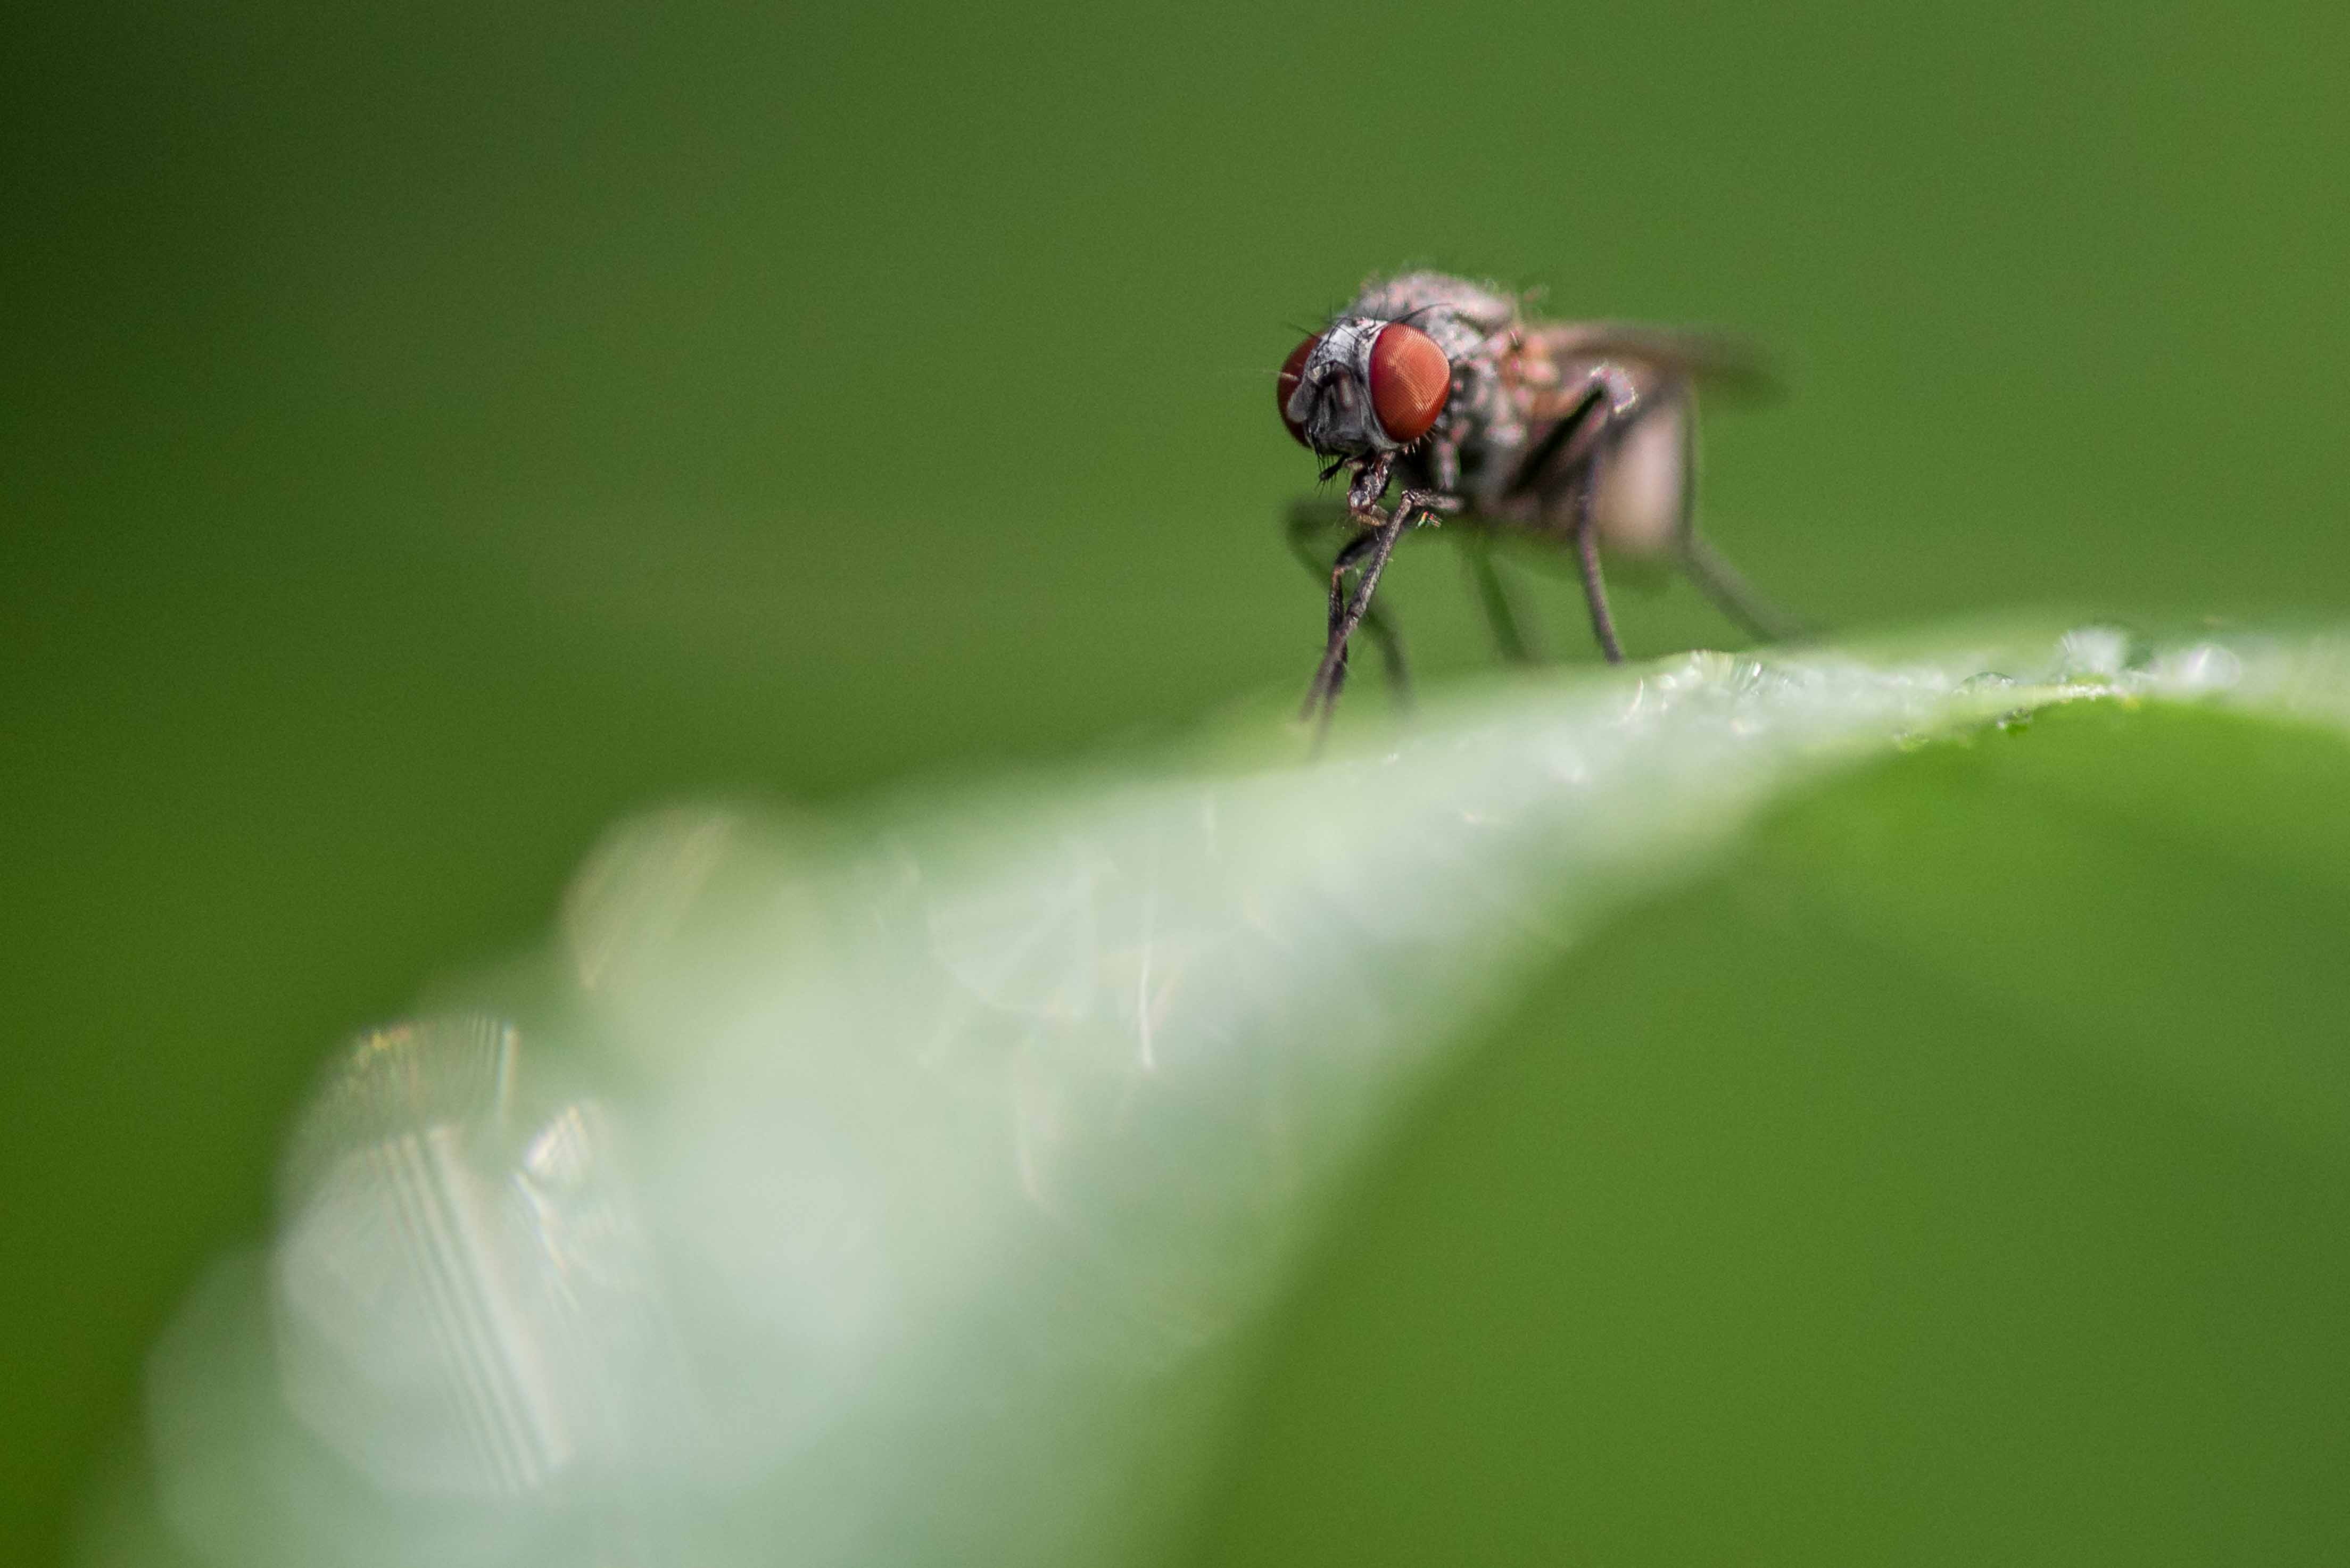 Portrait en macrophotographie d'une mouche (Musca sp.) sur un brin d'herbe